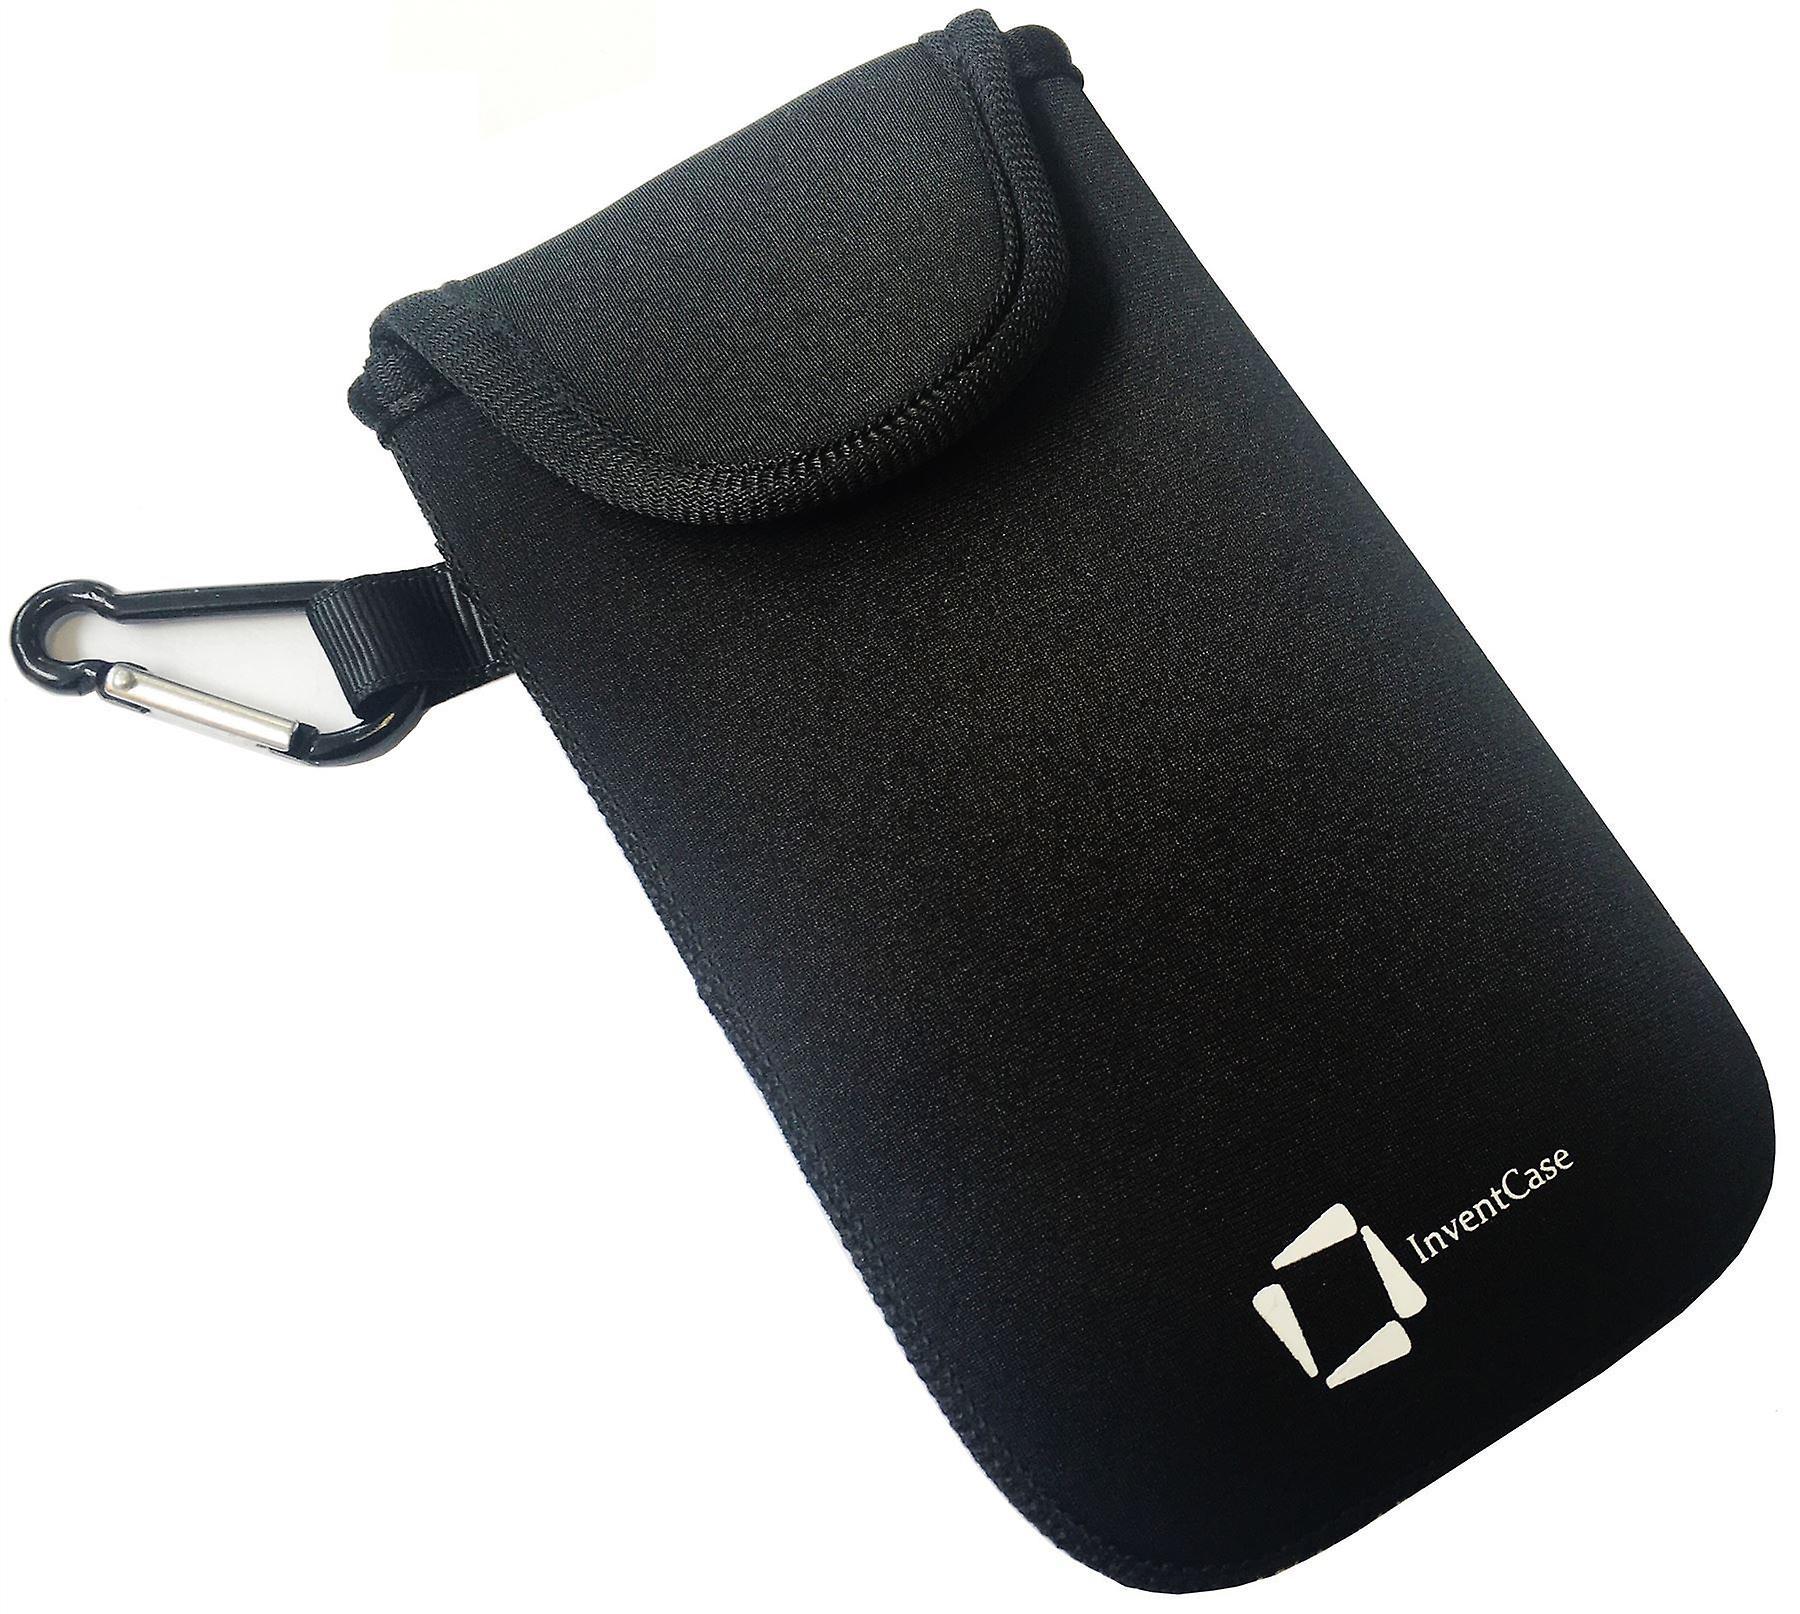 حقيبة تغطية القضية الحقيبة واقية مقاومة لتأثير النيوبرين إينفينتكاسي مع إغلاق Velcro و Carabiner الألومنيوم لهتك فراشة 2-أسود